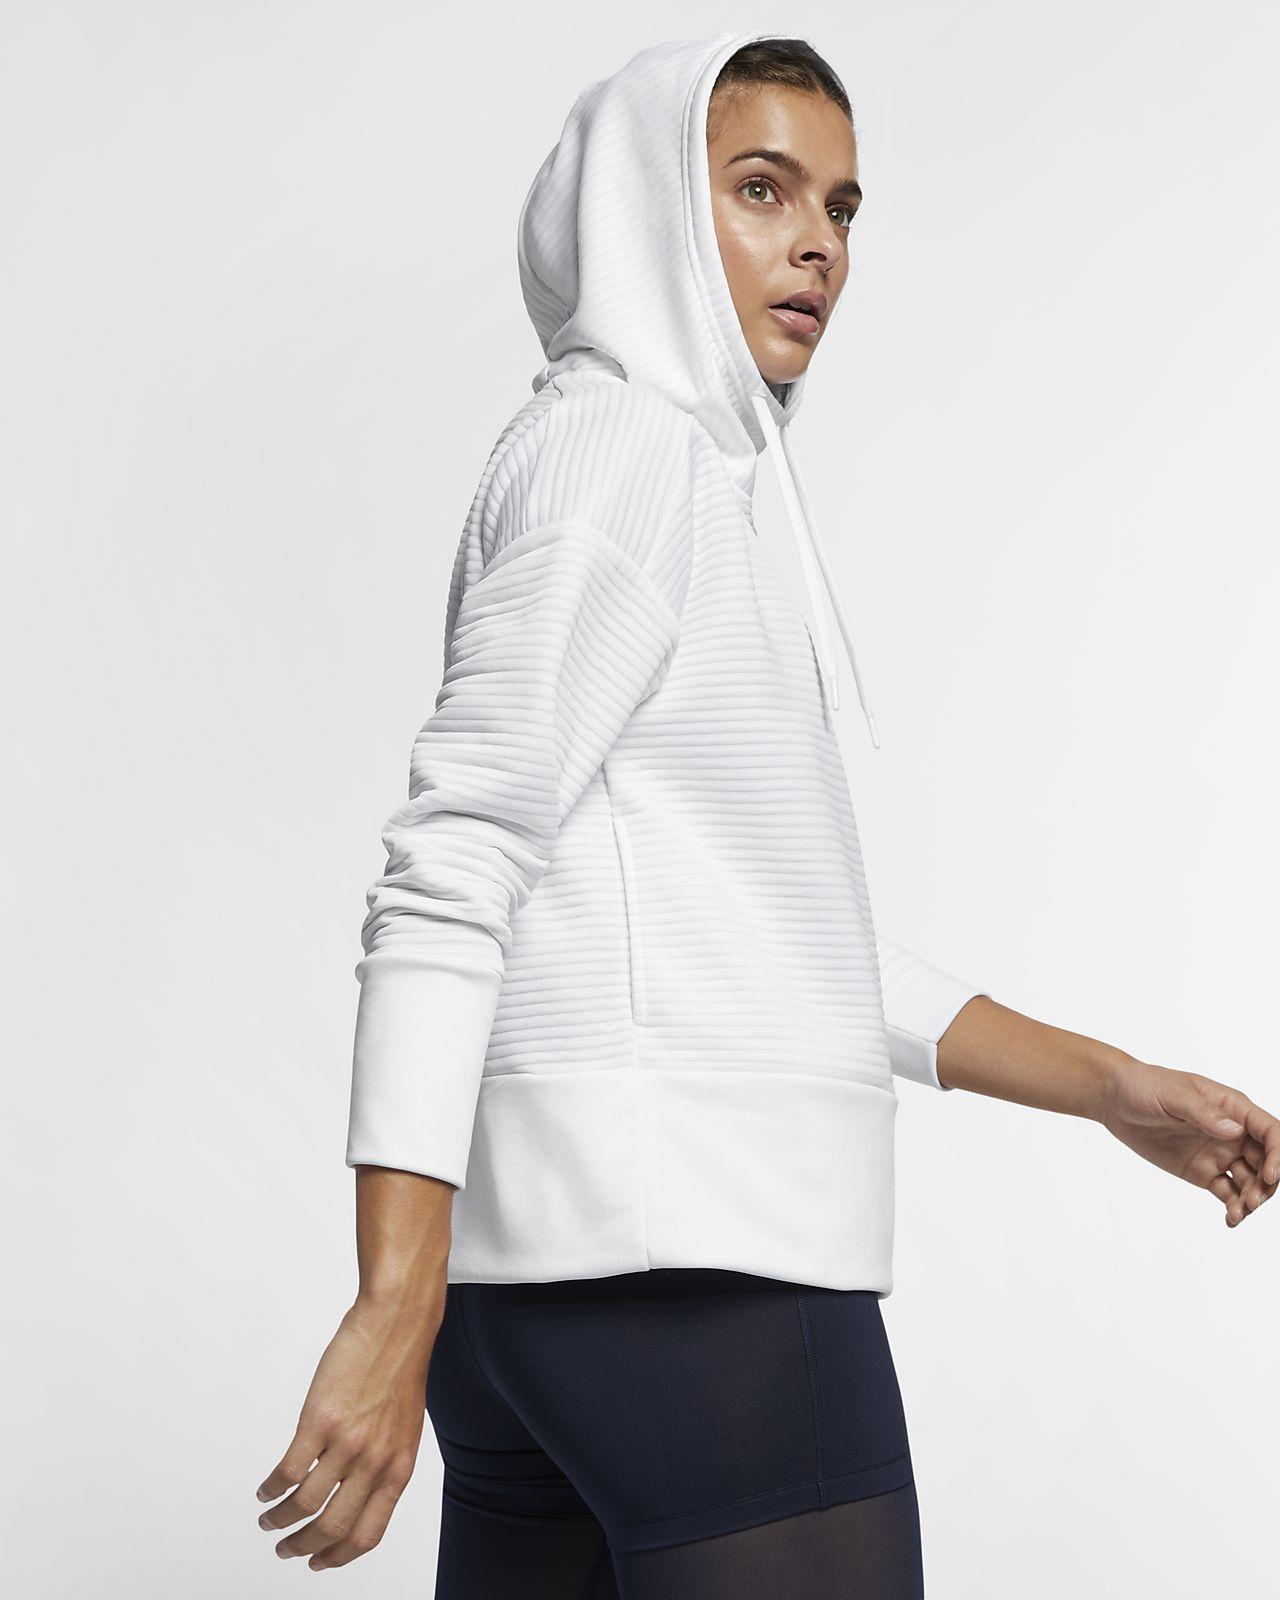 86d50f2f8086 Nike Dri-FIT Women s Training Pullover Hoodie. Nike.com